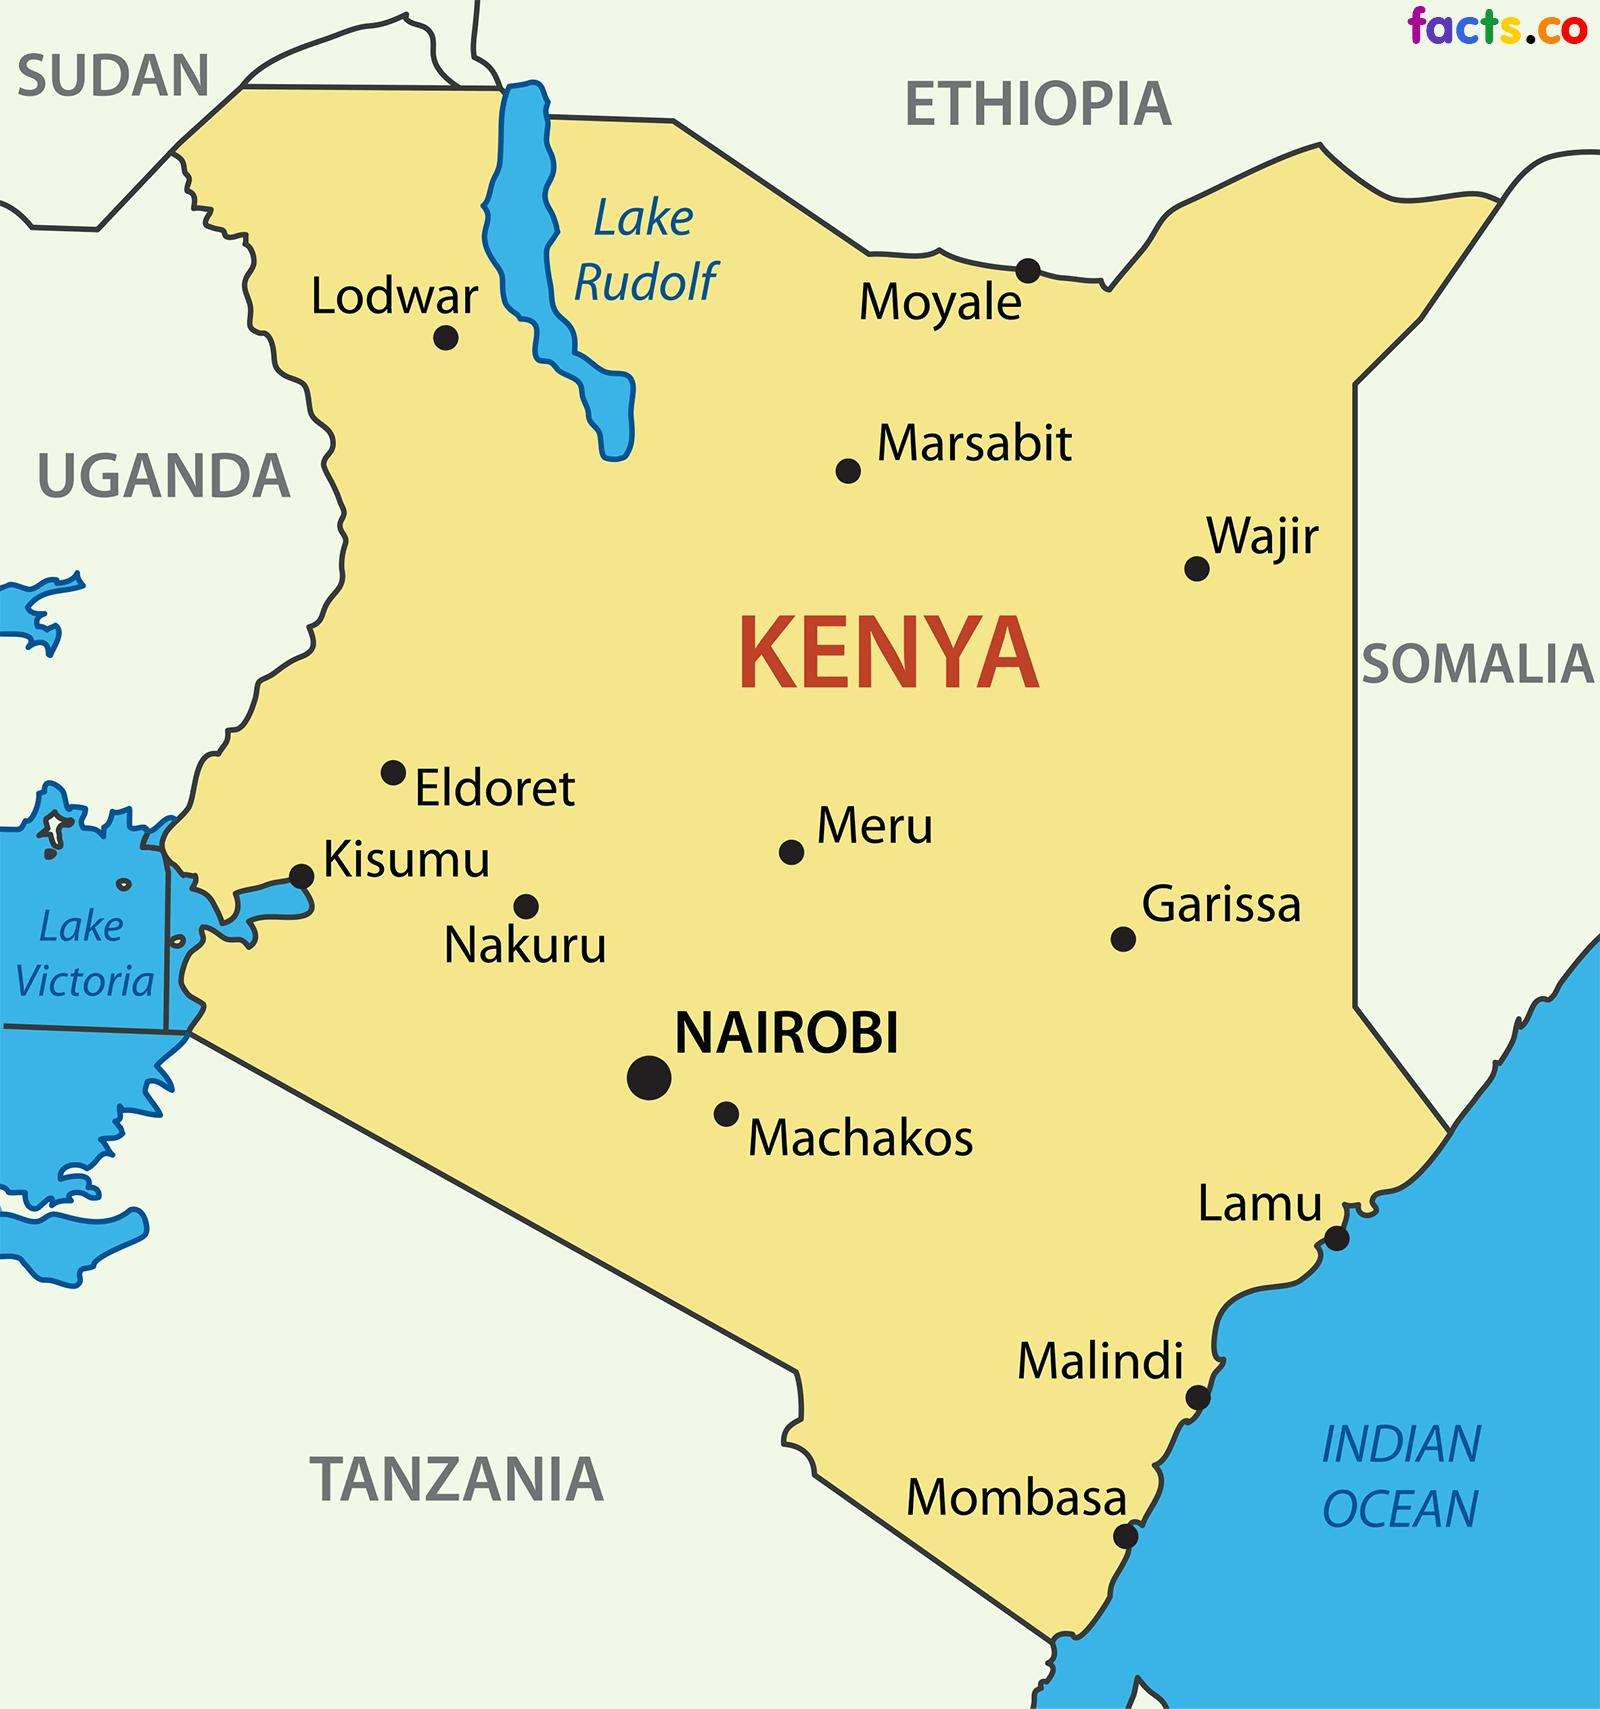 Kenya Land Kort Kort Over Kenya Land Ostlige Afrika Afrika